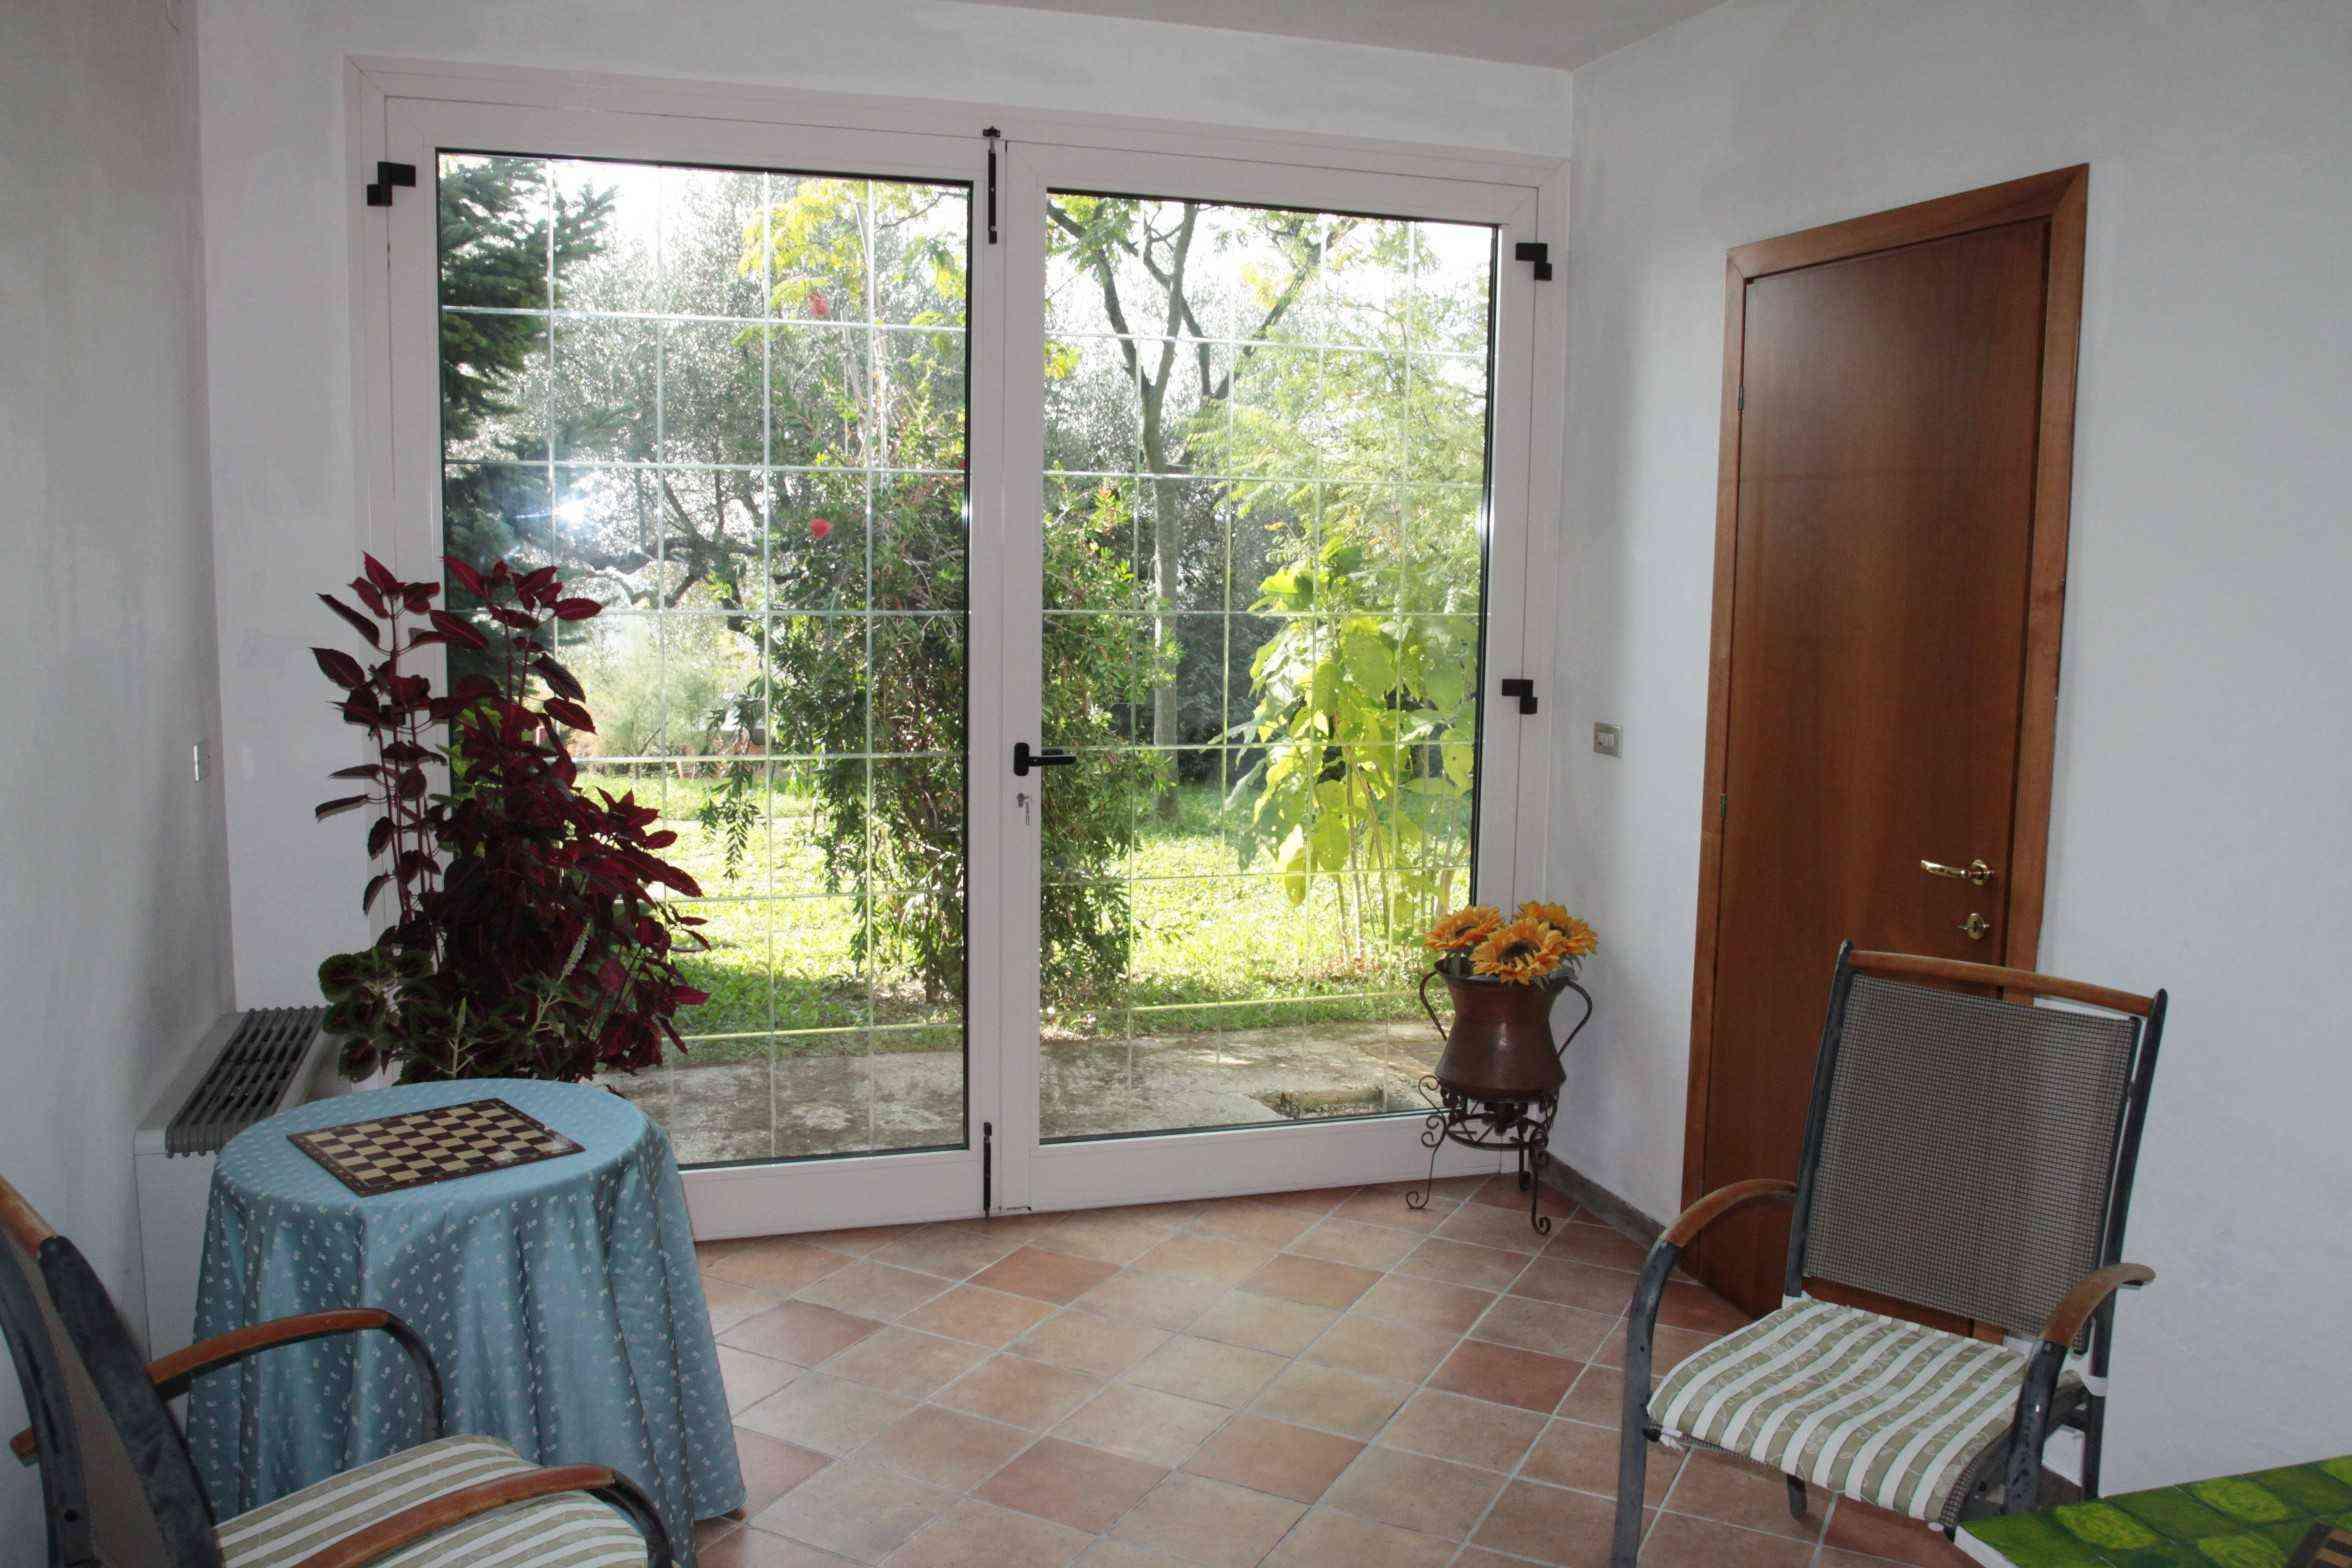 Villa Villa for sale Atri (TE), Villa Paola - Atri - EUR 473.281 150